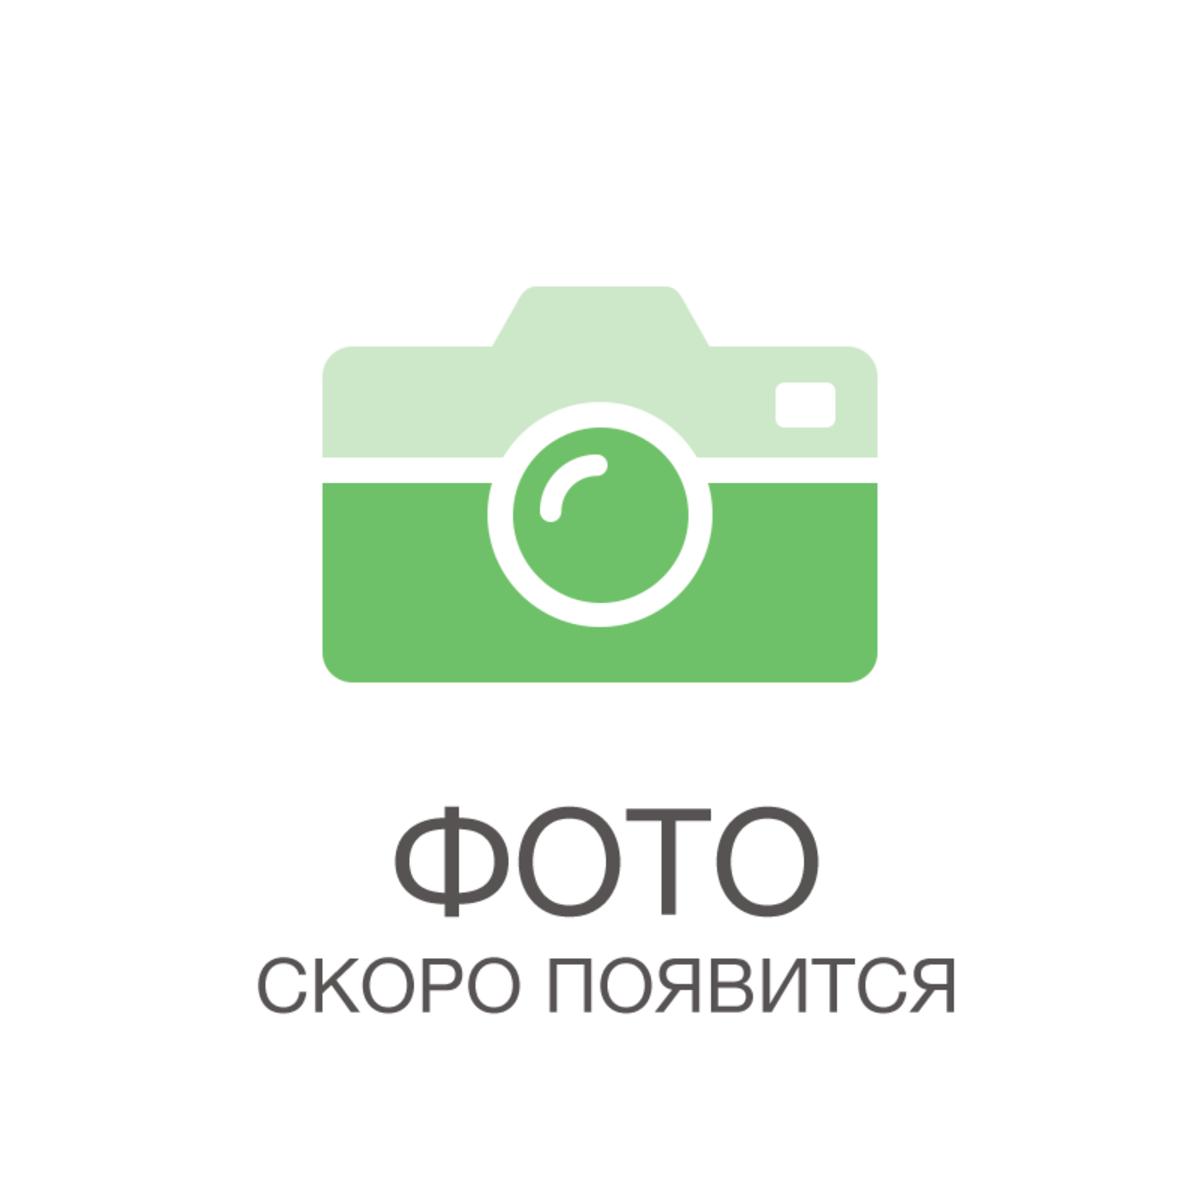 Дверь Межкомнатная Остеклённая Бергамо 60Х200 С Фурнитурой Пвх Цвет Европейский Дуб